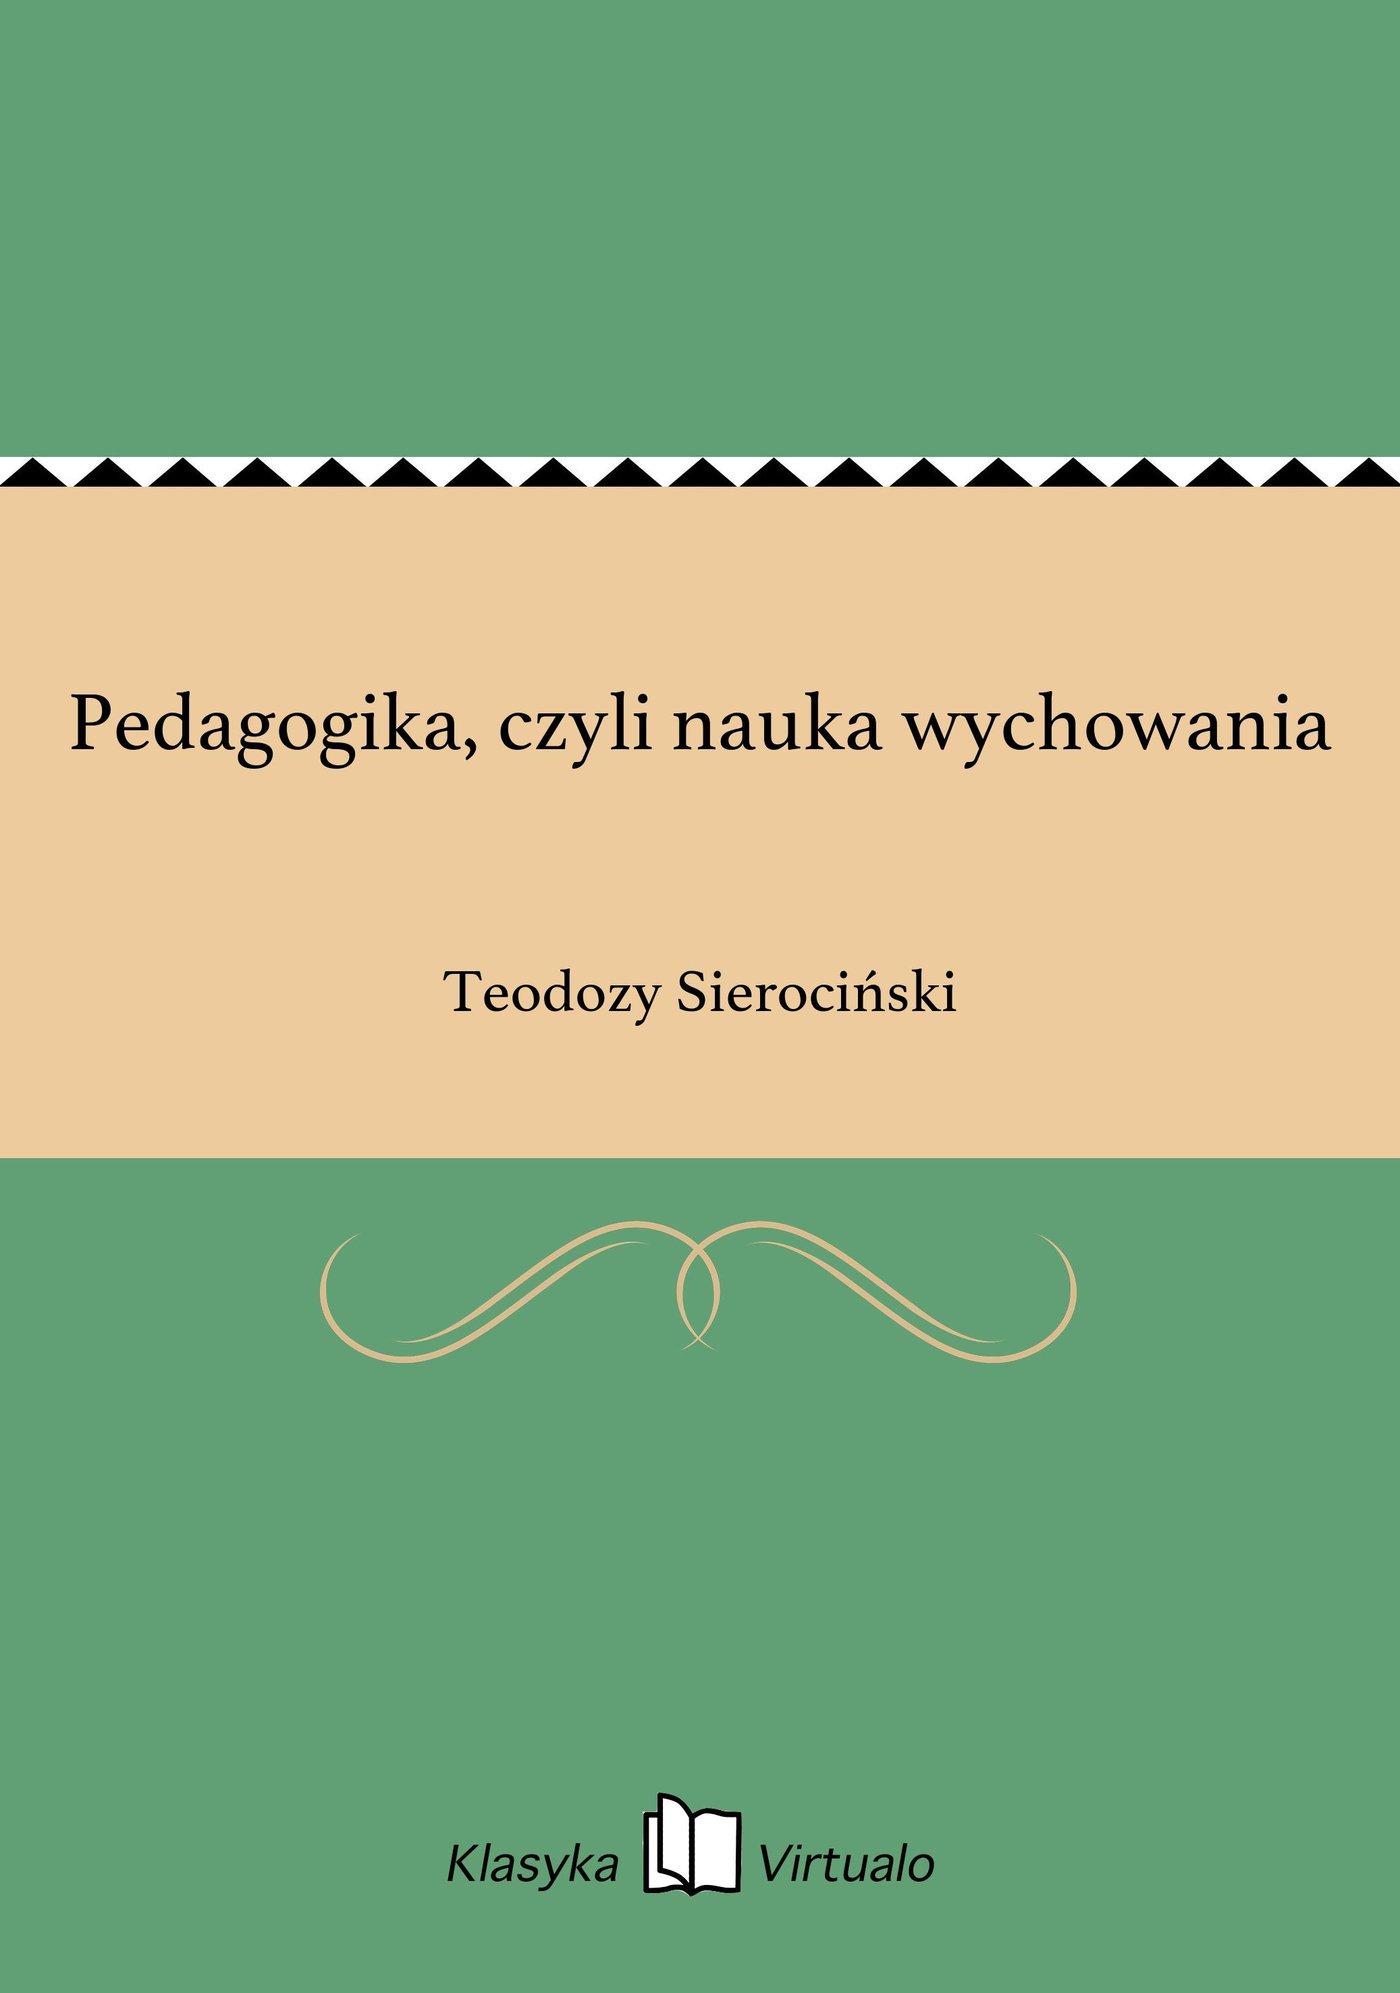 Pedagogika, czyli nauka wychowania - Ebook (Książka EPUB) do pobrania w formacie EPUB